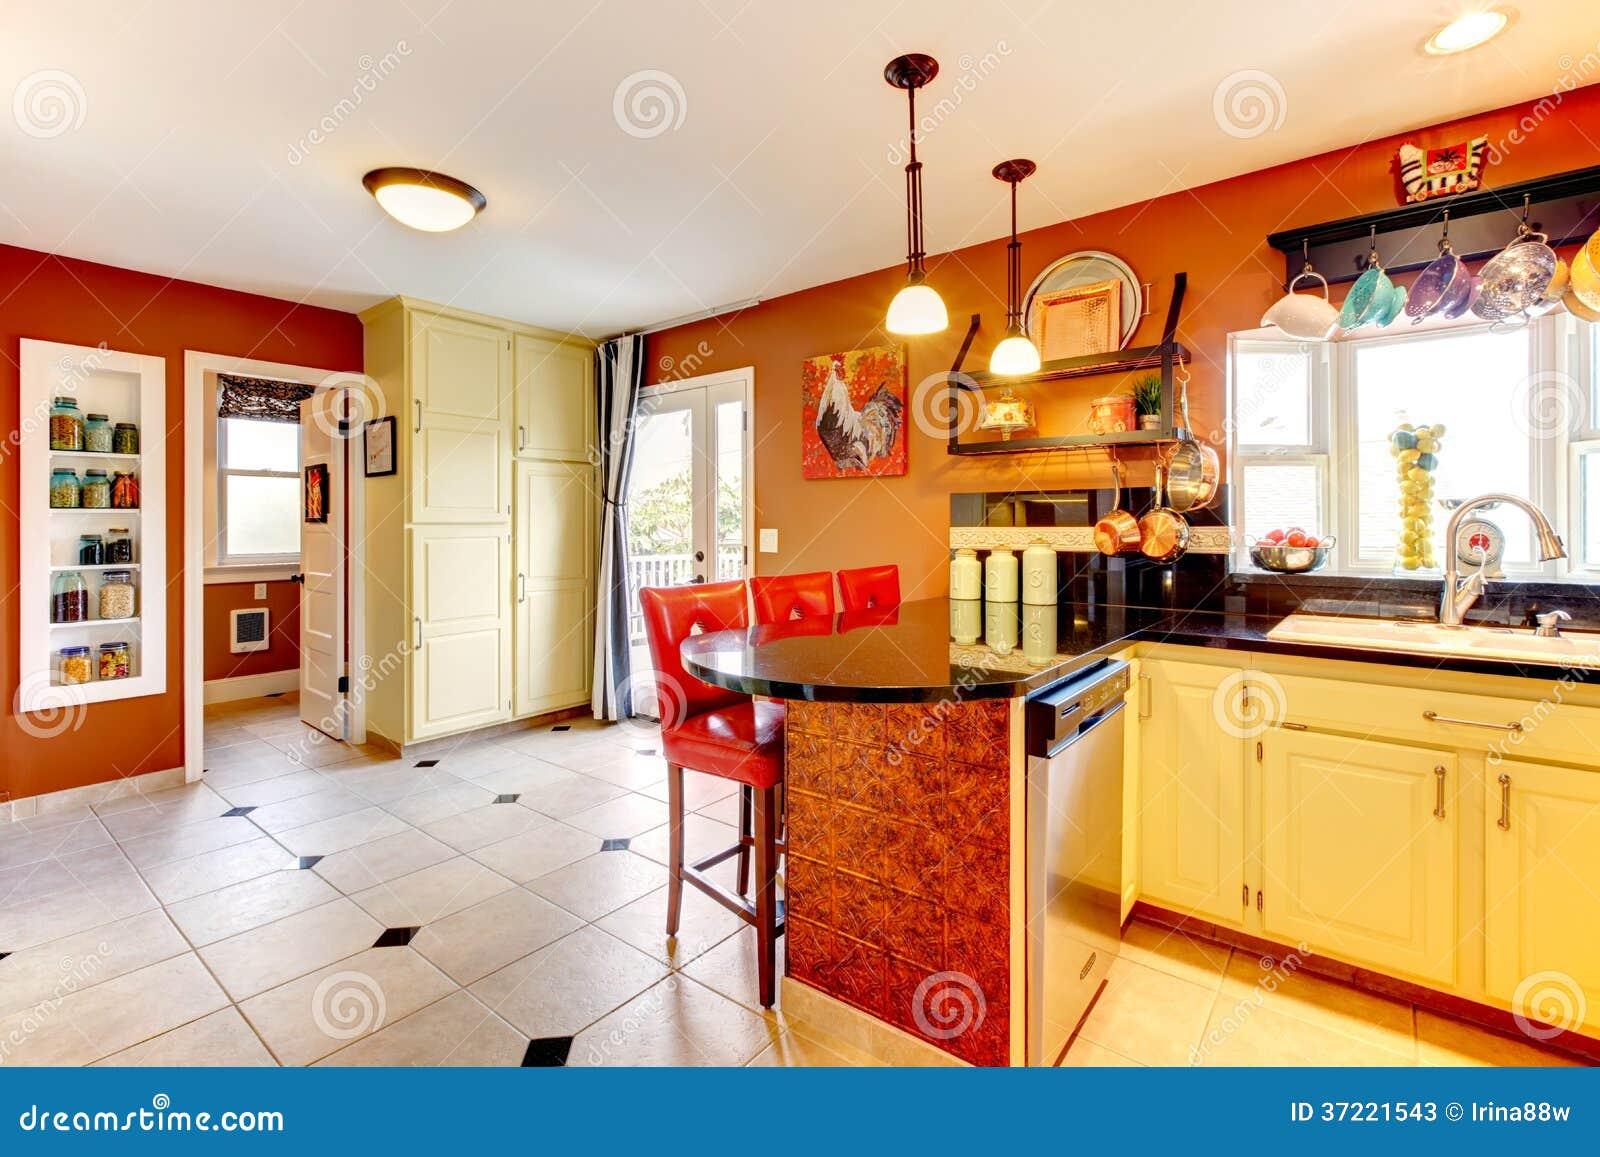 Keuken Kleine Kleur : De warme ruimte van de kleuren comfortabele keuken stock